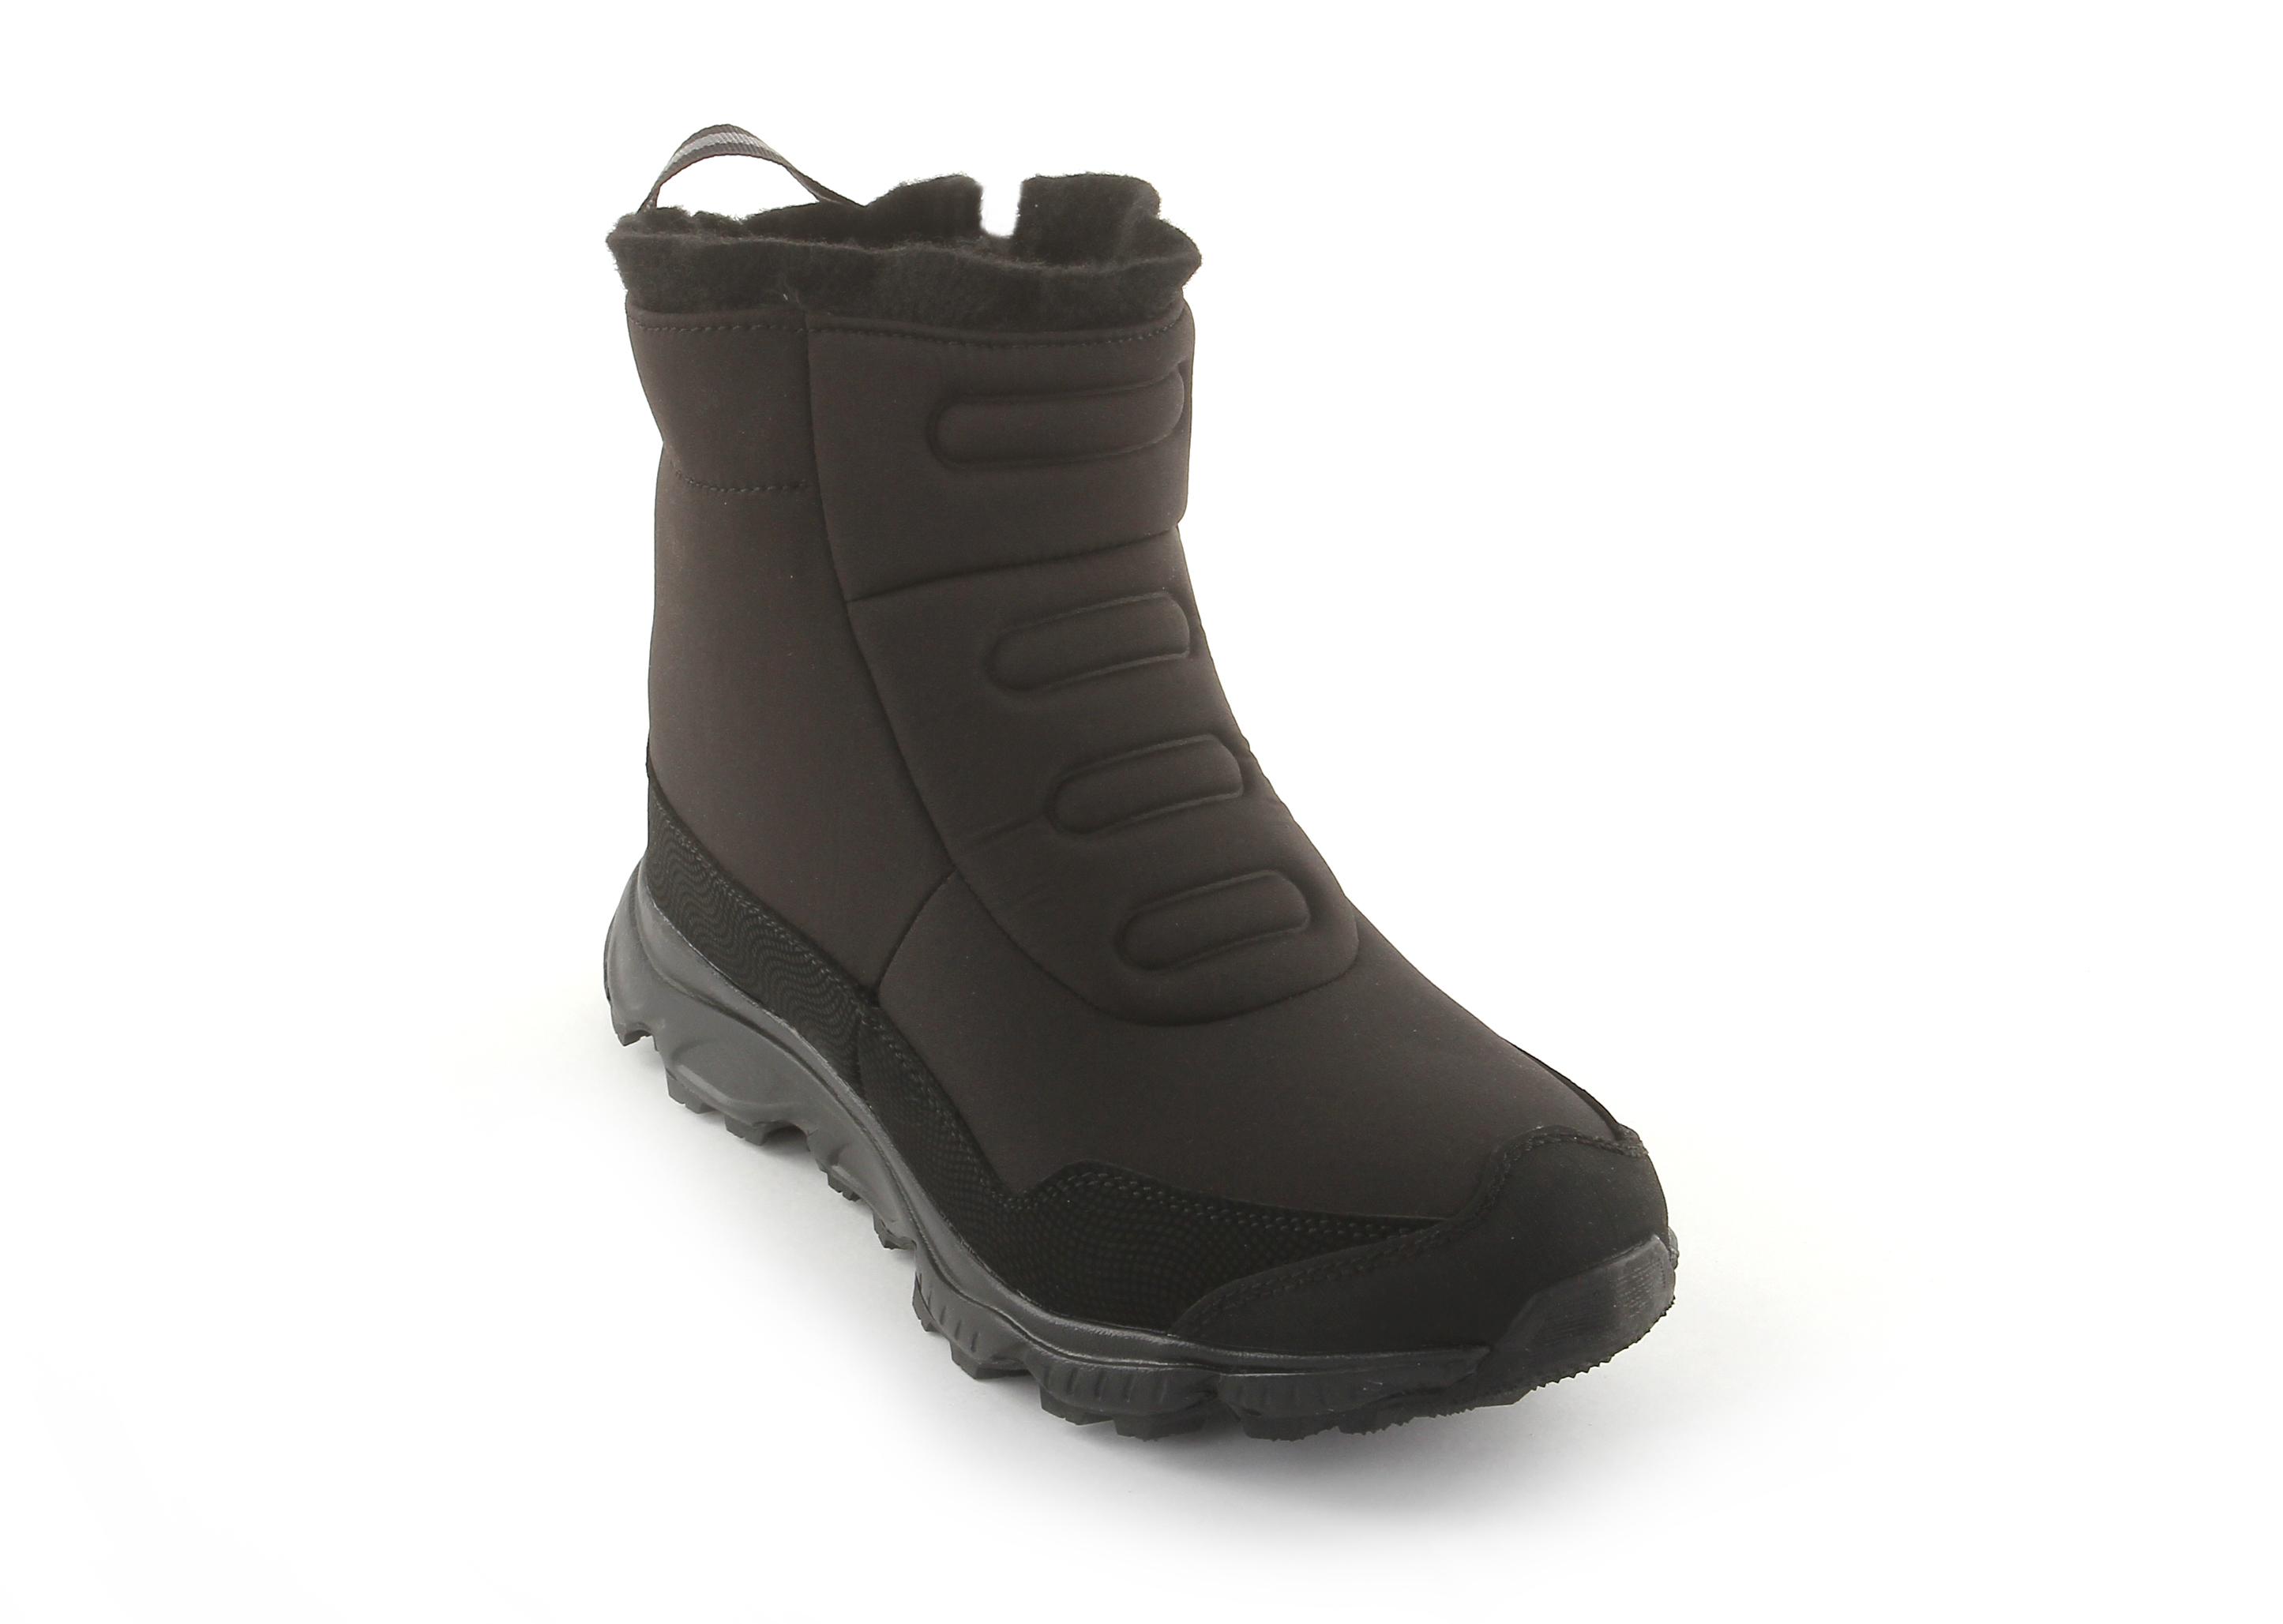 Ботинки утепленные AS4 Gary - Сеть спортивных магазинов Чемпион 71c7a7b0846